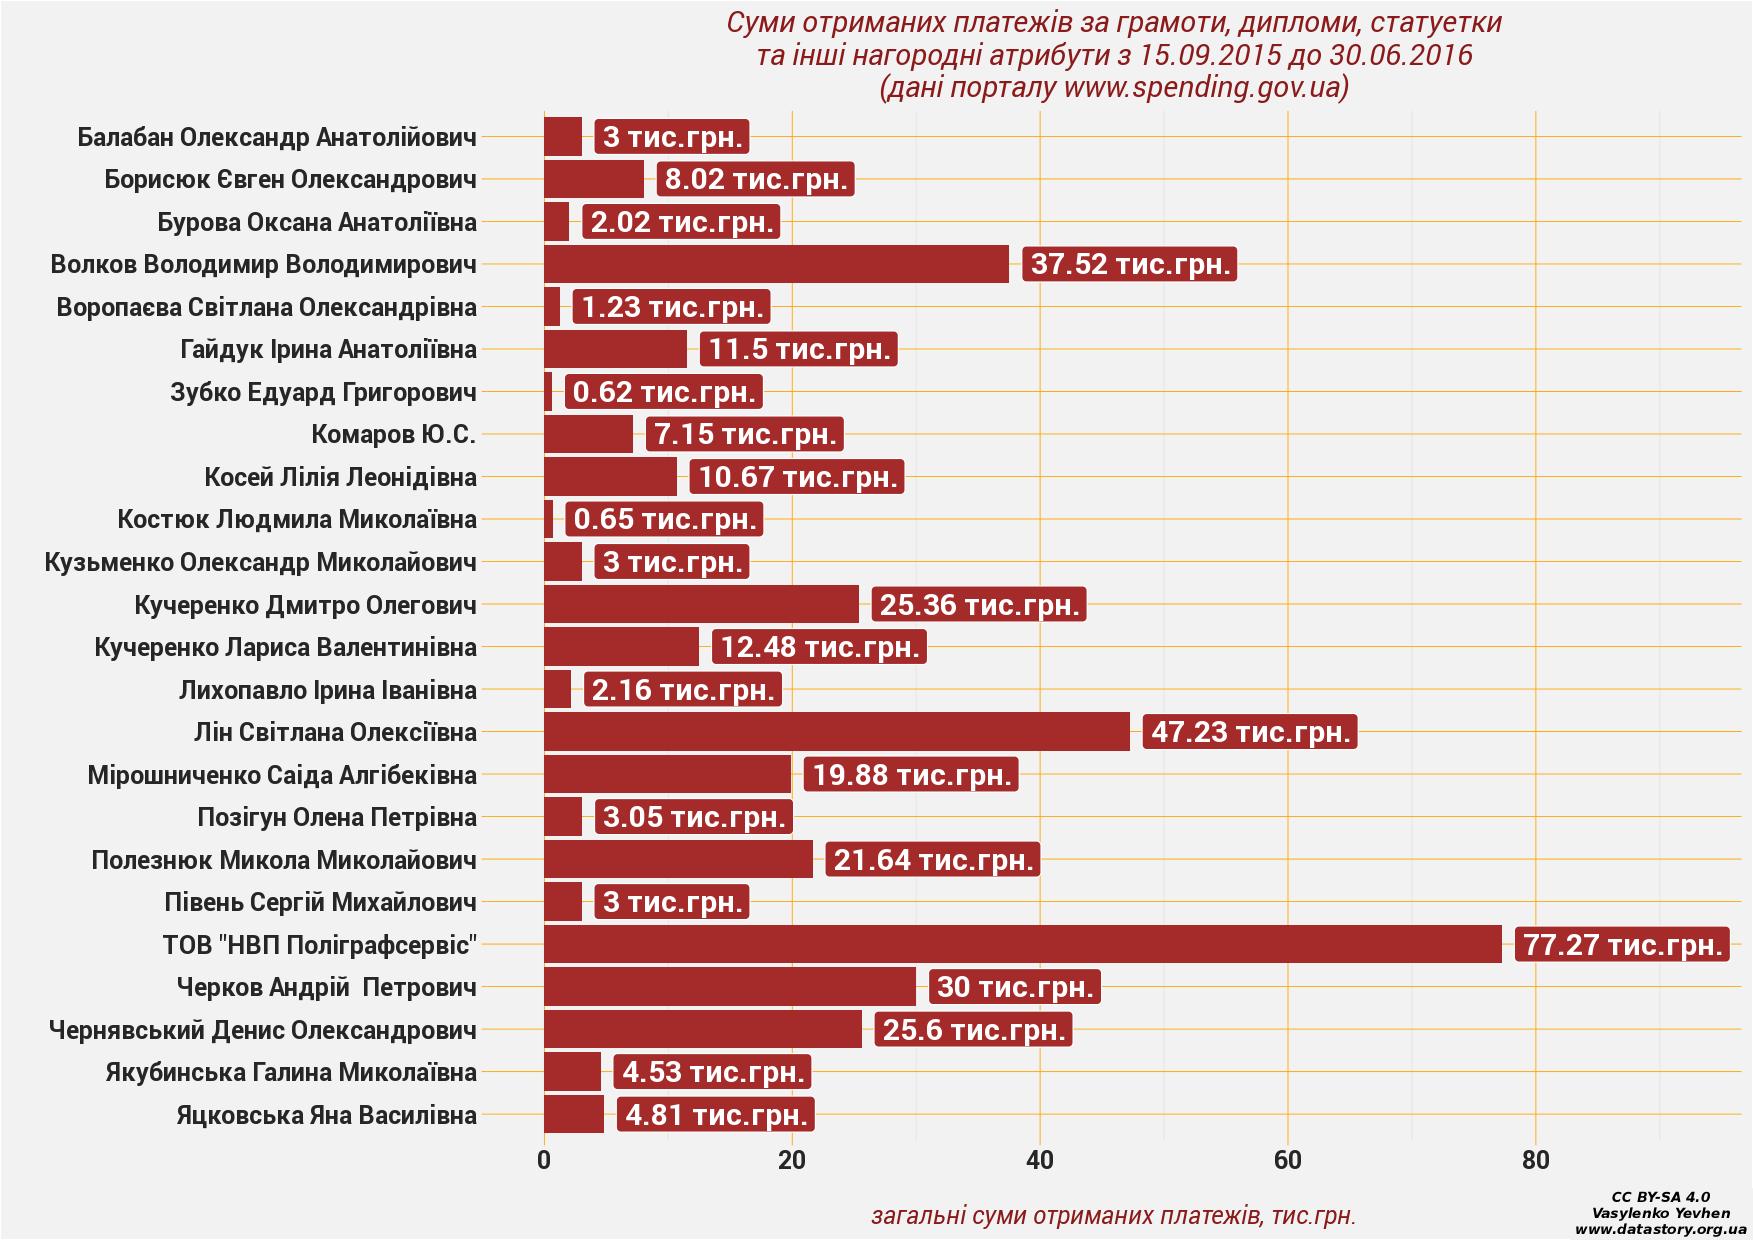 Суми отриманих платежів за грамоти, дипломи, статуетки та інші нагородні атрибути